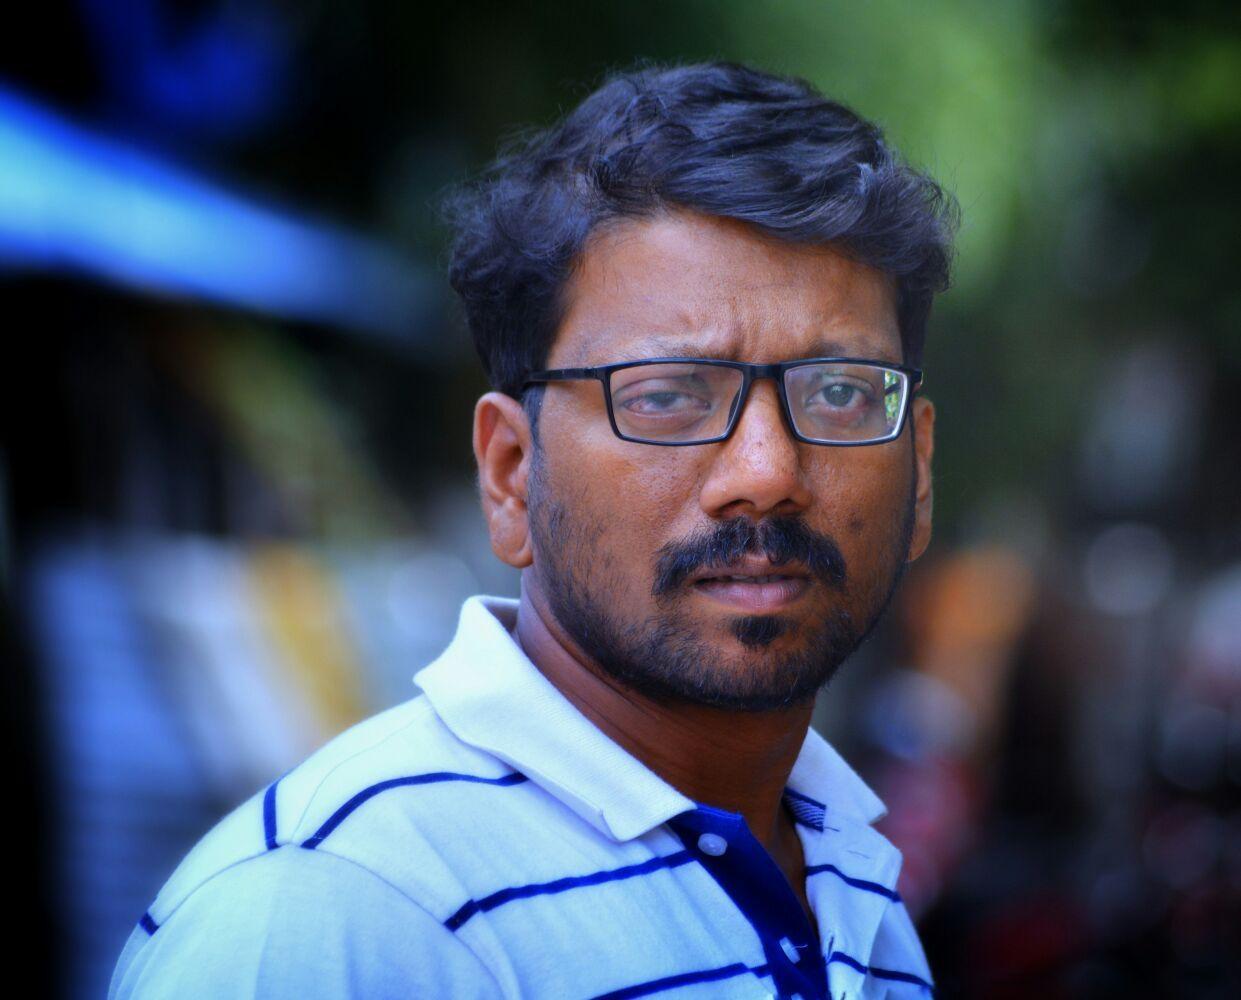 ஆம்புலன்ஸ் உரிமையாளர் ராகுல்